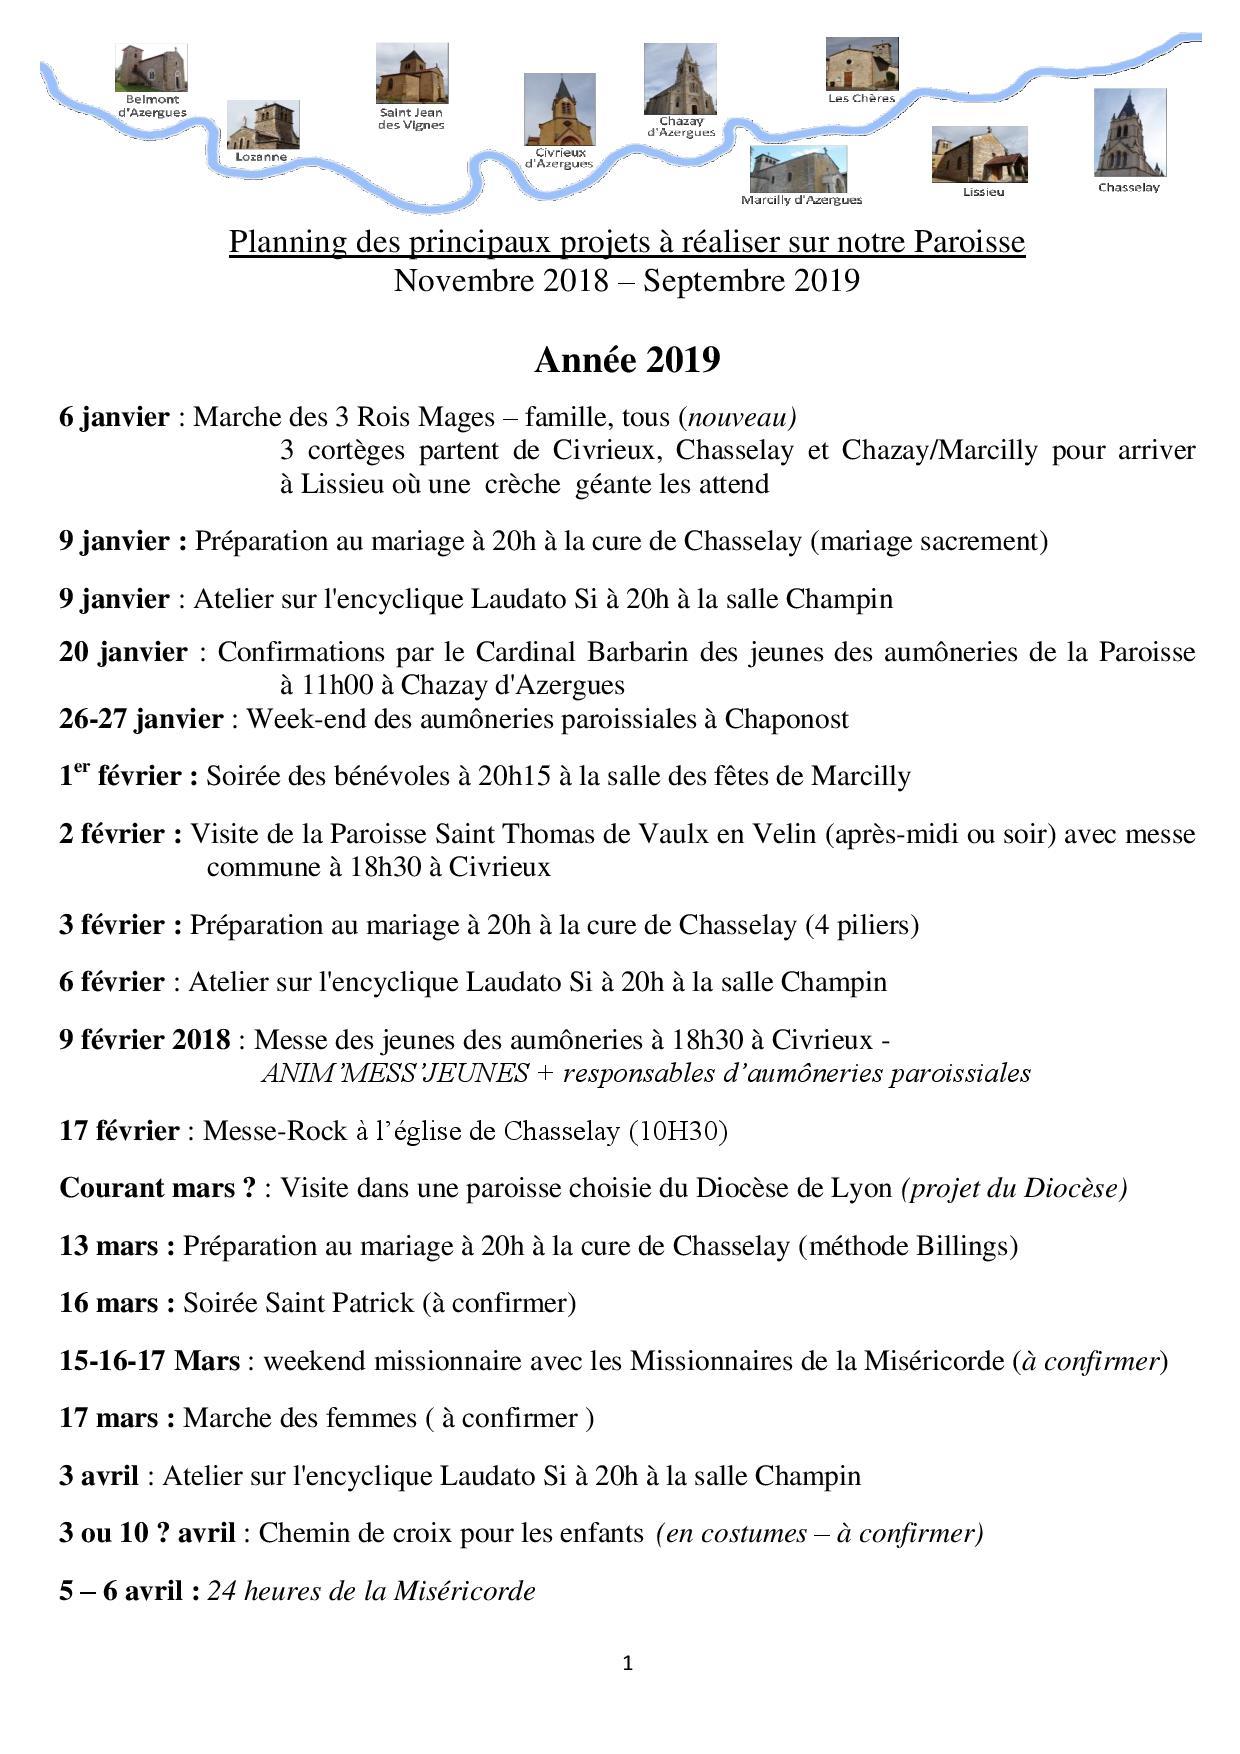 Planning activites de la paroisse 2019 pour site-page-001